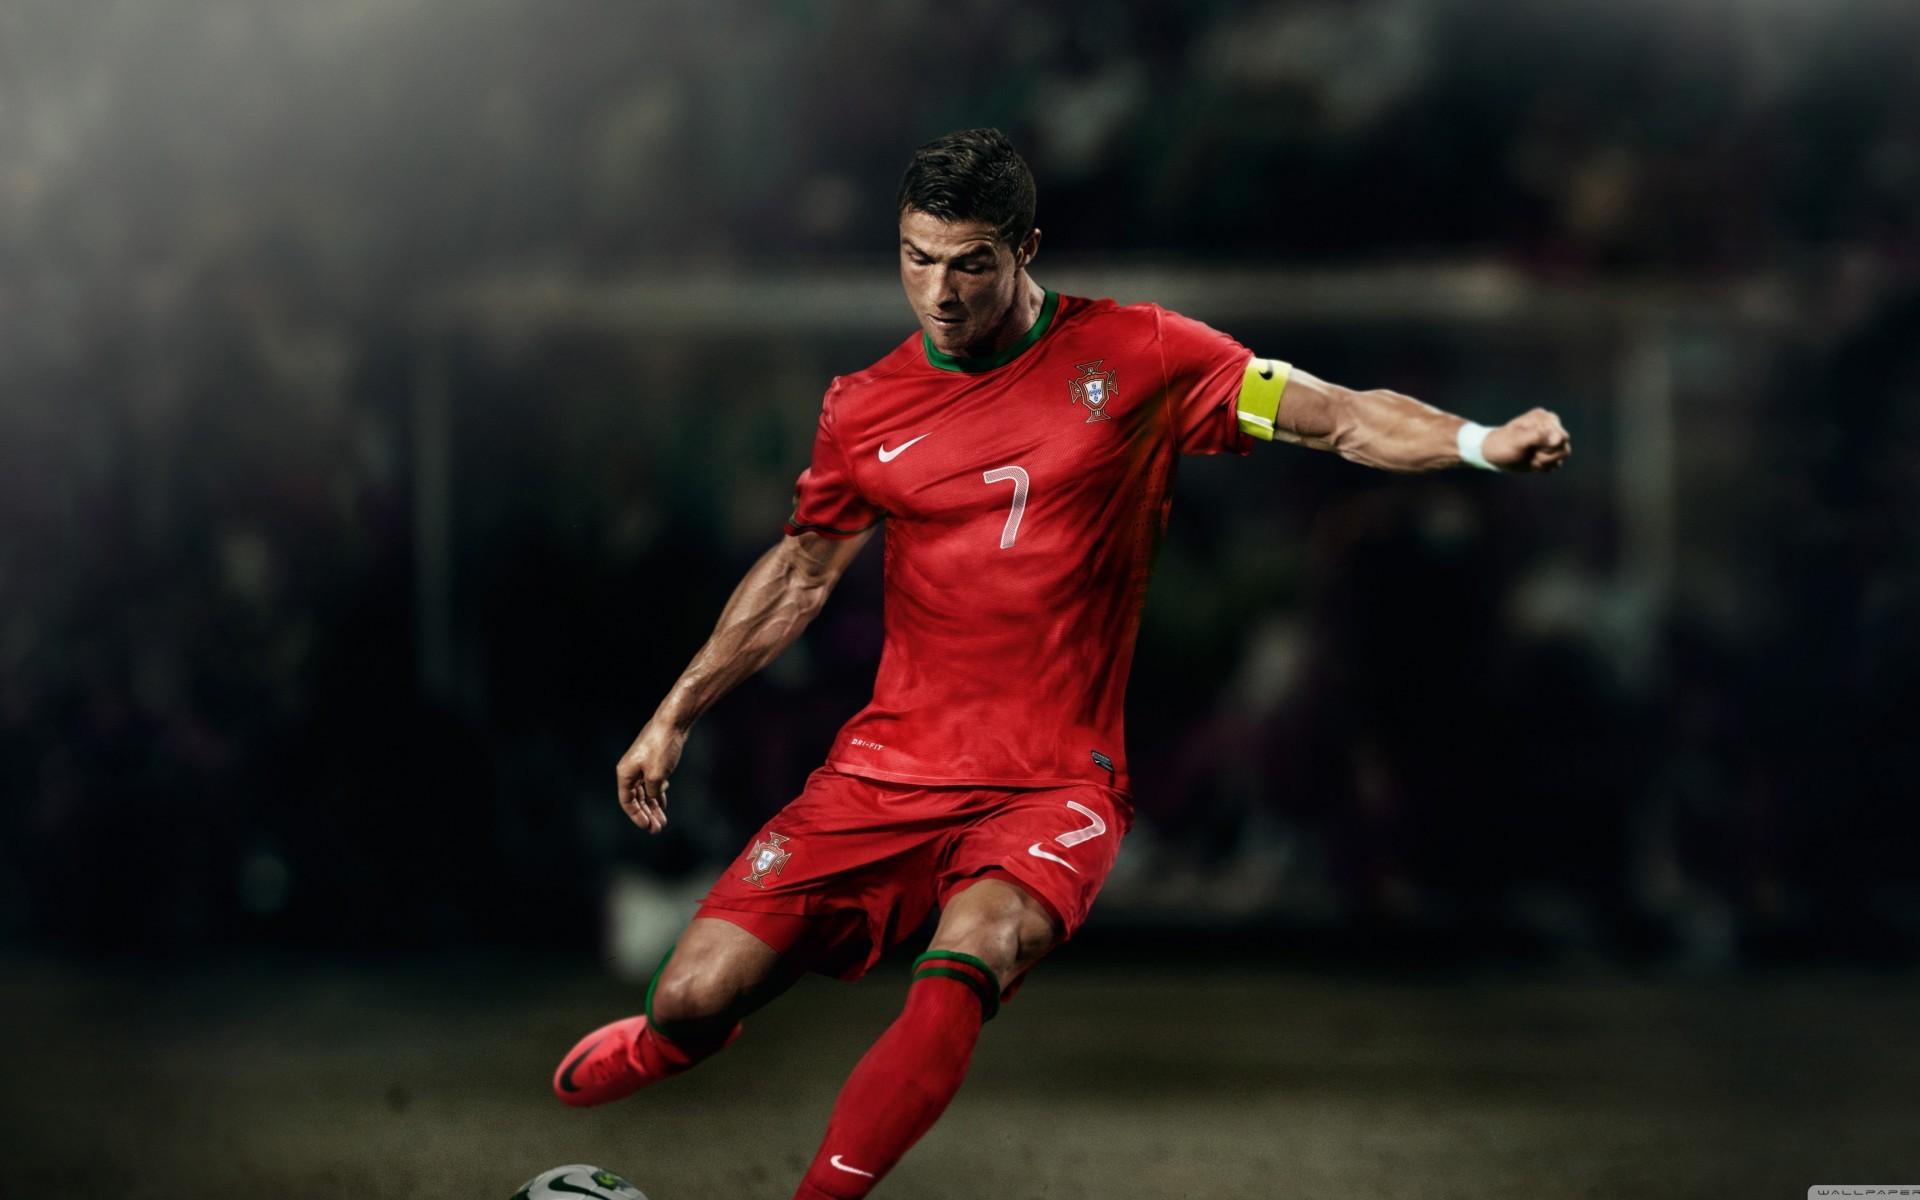 西班牙范围: 纪录36:在客场挑战西班牙人的比赛中独中五元后,C罗成为西班牙足坛历史上,戴帽次数最多的球员,CR7总共33次单场攻入3球或者3球以上。 纪录37:C罗是第一位在单赛季攻破西甲所有球队大门的球员。 纪录38:C罗是第一位连续6场国家德比中都有进球的球员。 纪录39:C罗是第一位在单赛季西甲联赛中,收获20粒客场进球的球员。 纪录40:在单赛季取得进球的场次上,C罗在2011-12赛季的27场破门为西甲之最,这一纪录C罗同梅西共享。 纪录41:在3场连续的西甲联赛中,C罗的曾经累计攻入9球,这